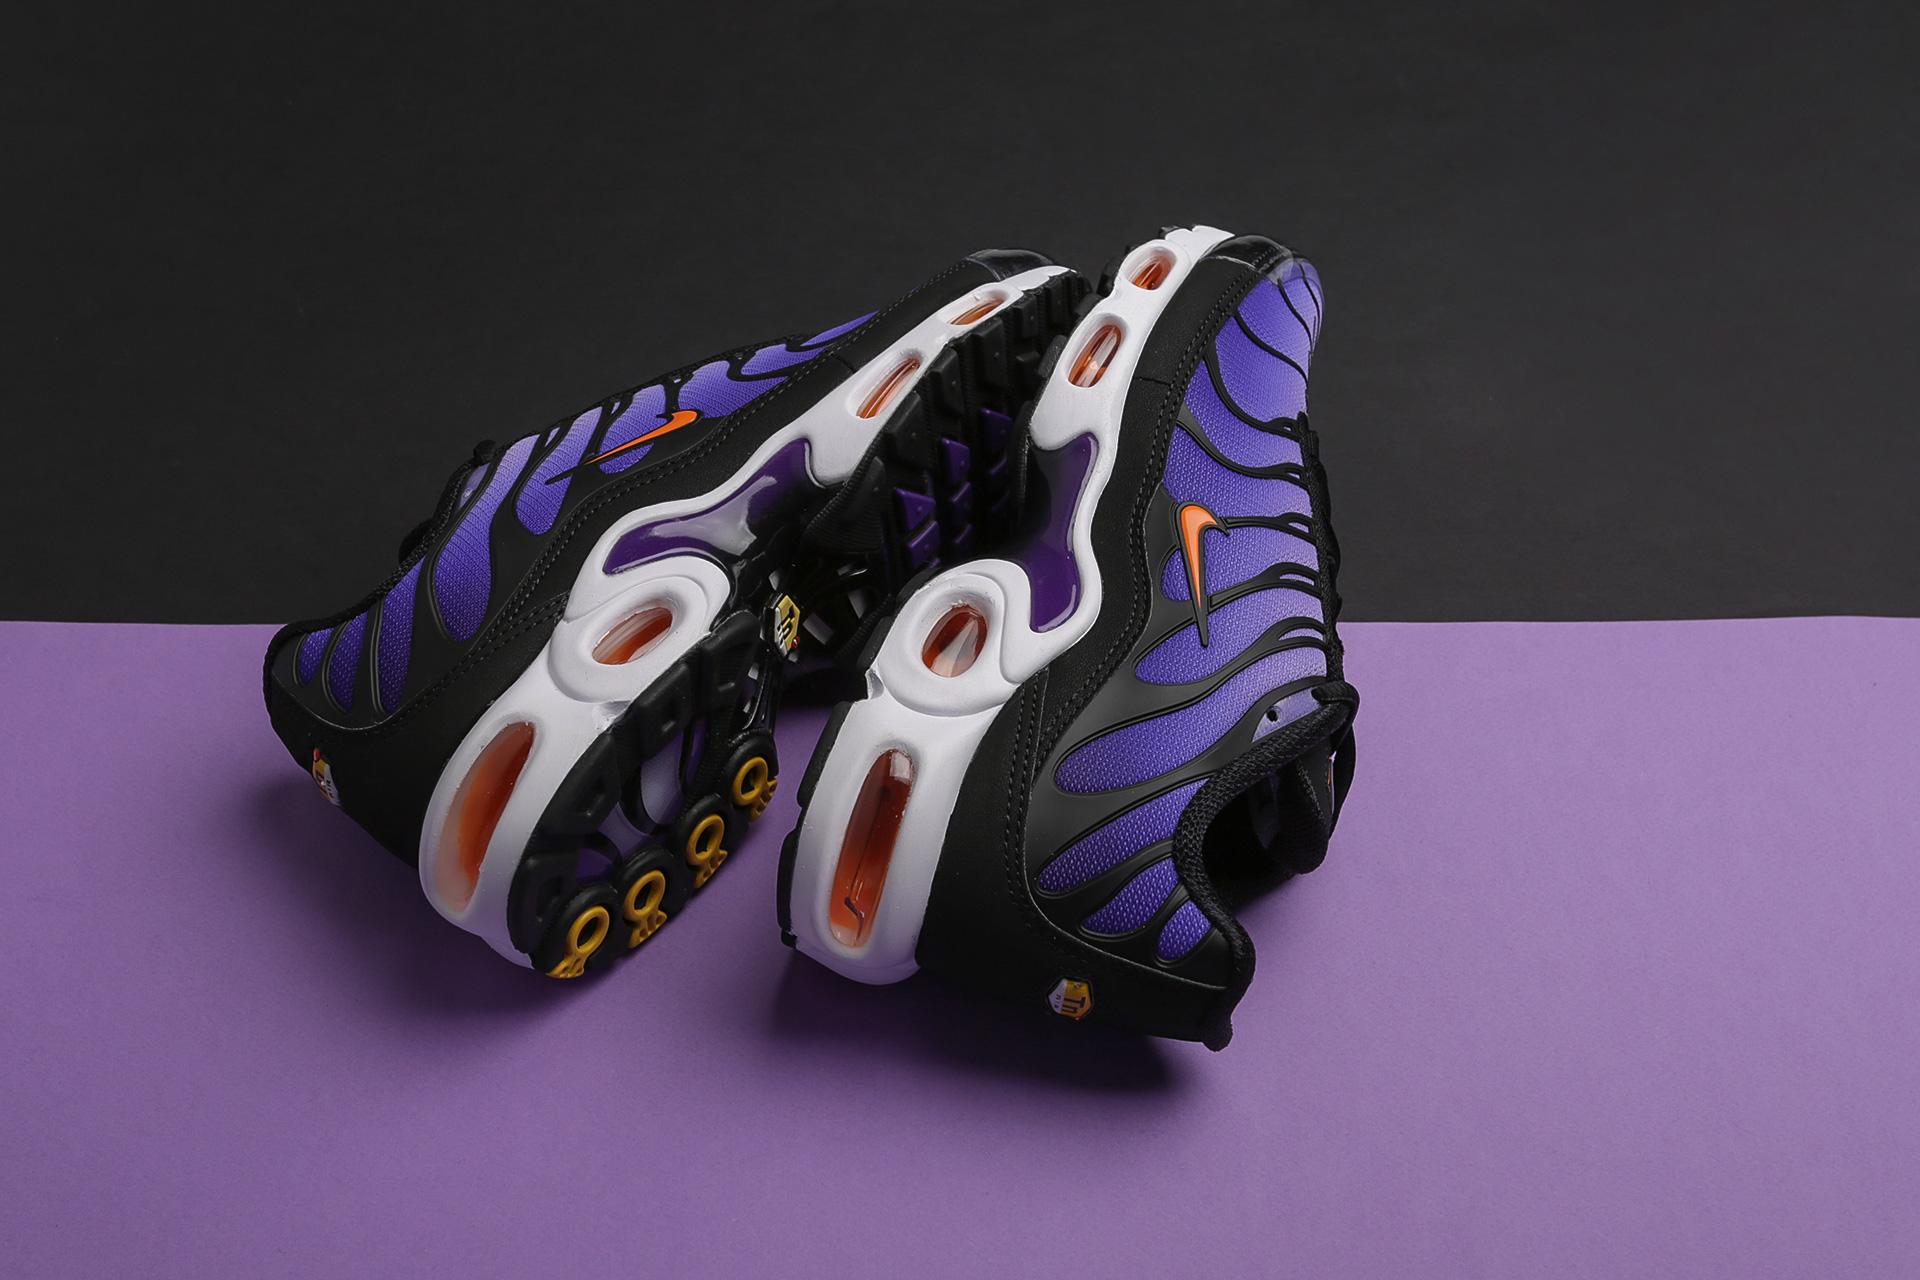 c26233385feba0 ... Купить мужские фиолетовые кроссовки Nike Air Max Plus OG - фото 5  картинки ...